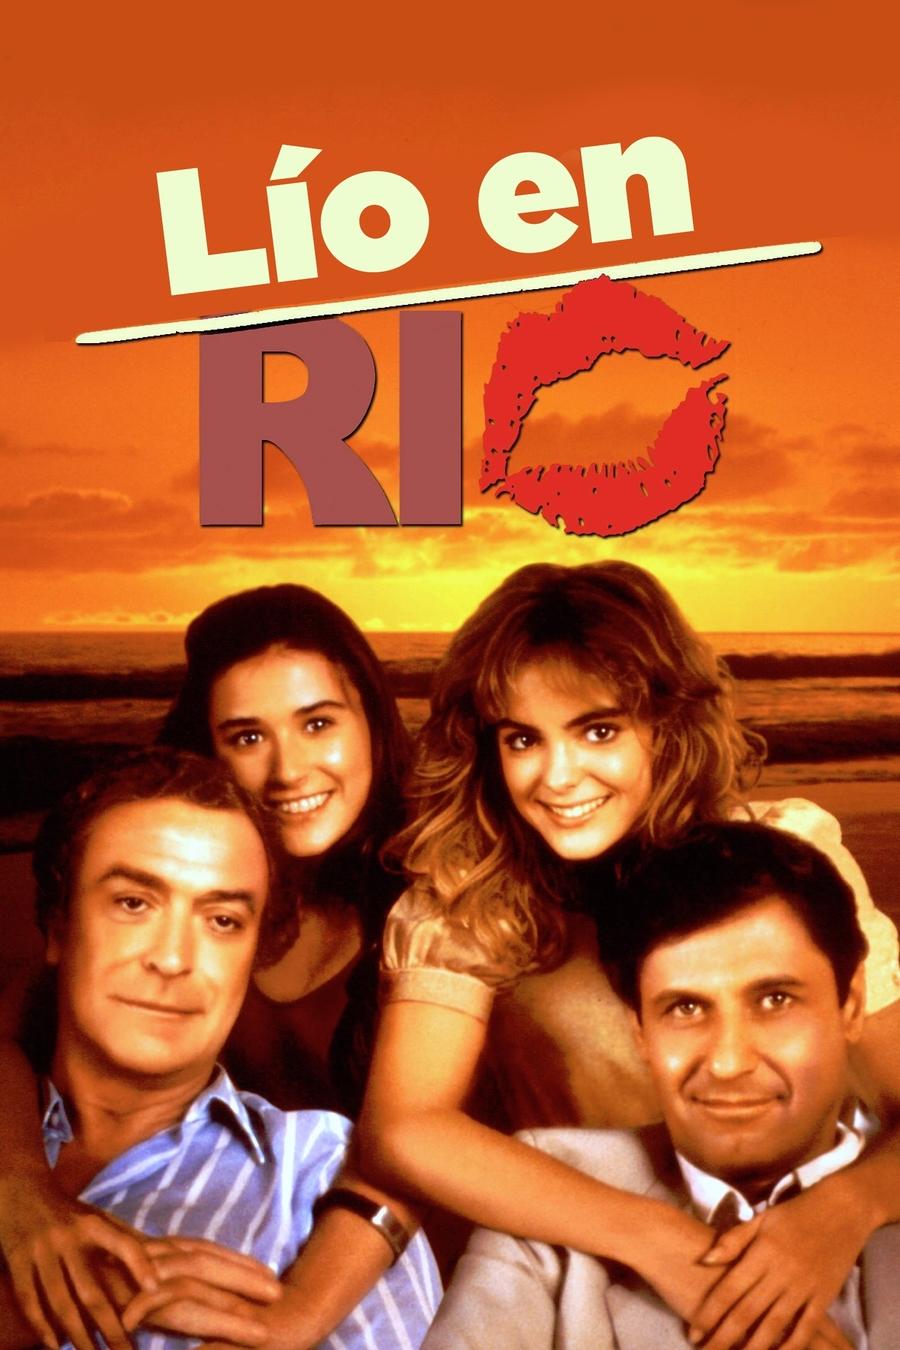 Lío en Río